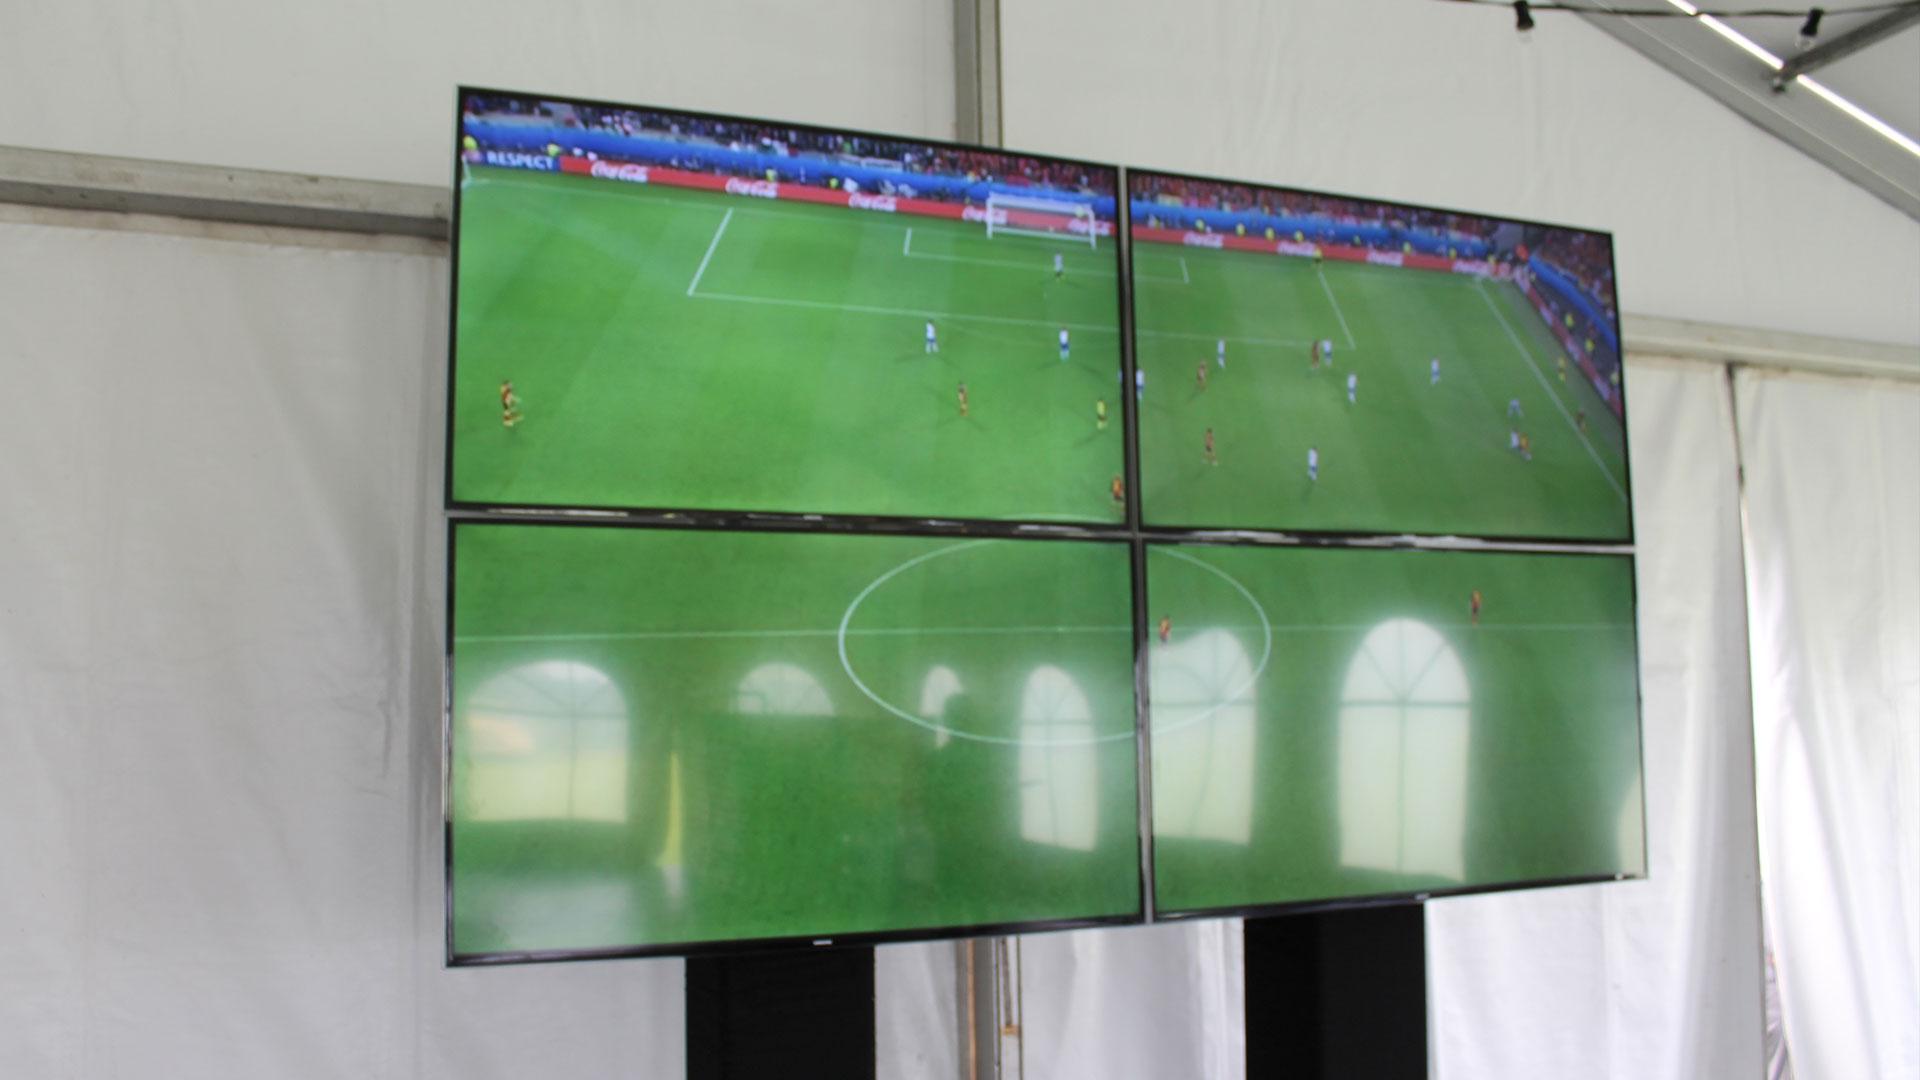 Huren van lcd-schermen, verhuur televisies, plasmaschermen huren